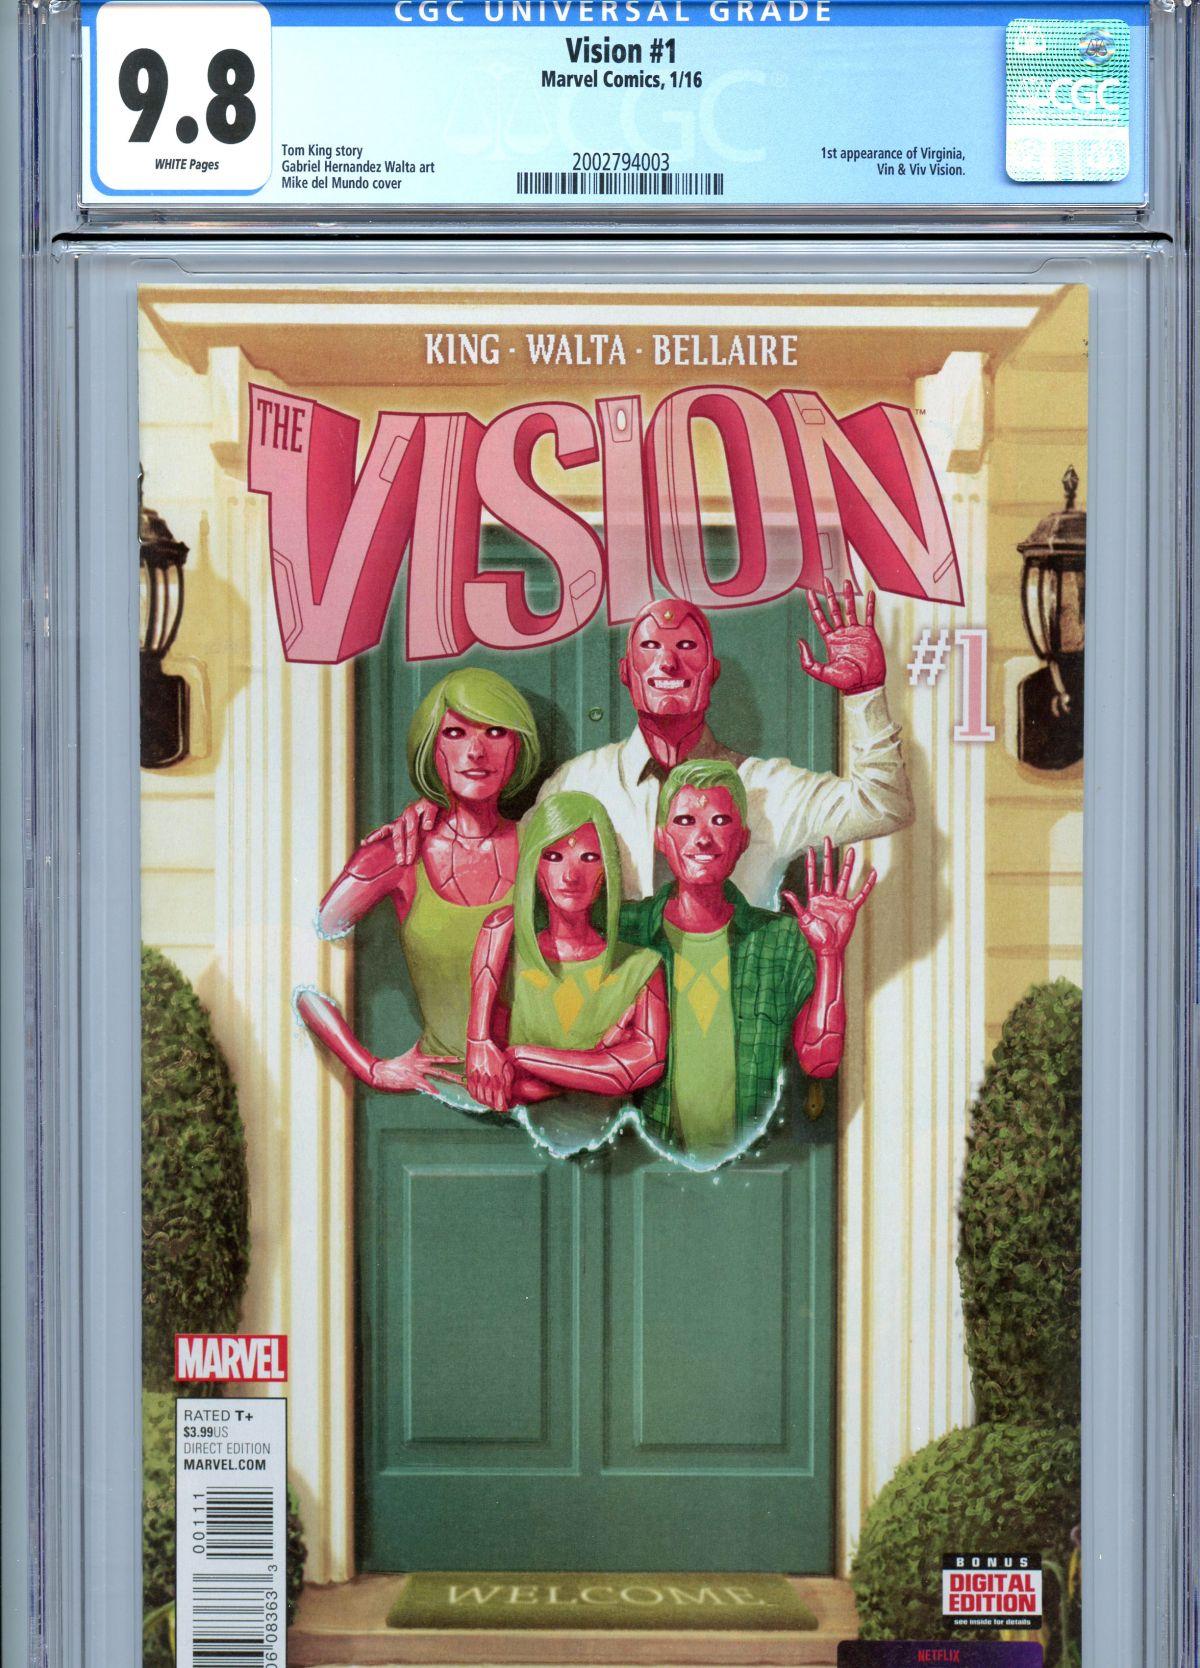 X-Men #141 9 8 Conan #37 9 8 Avengers Ann #10 9 6 Web #32 9 6 Bat